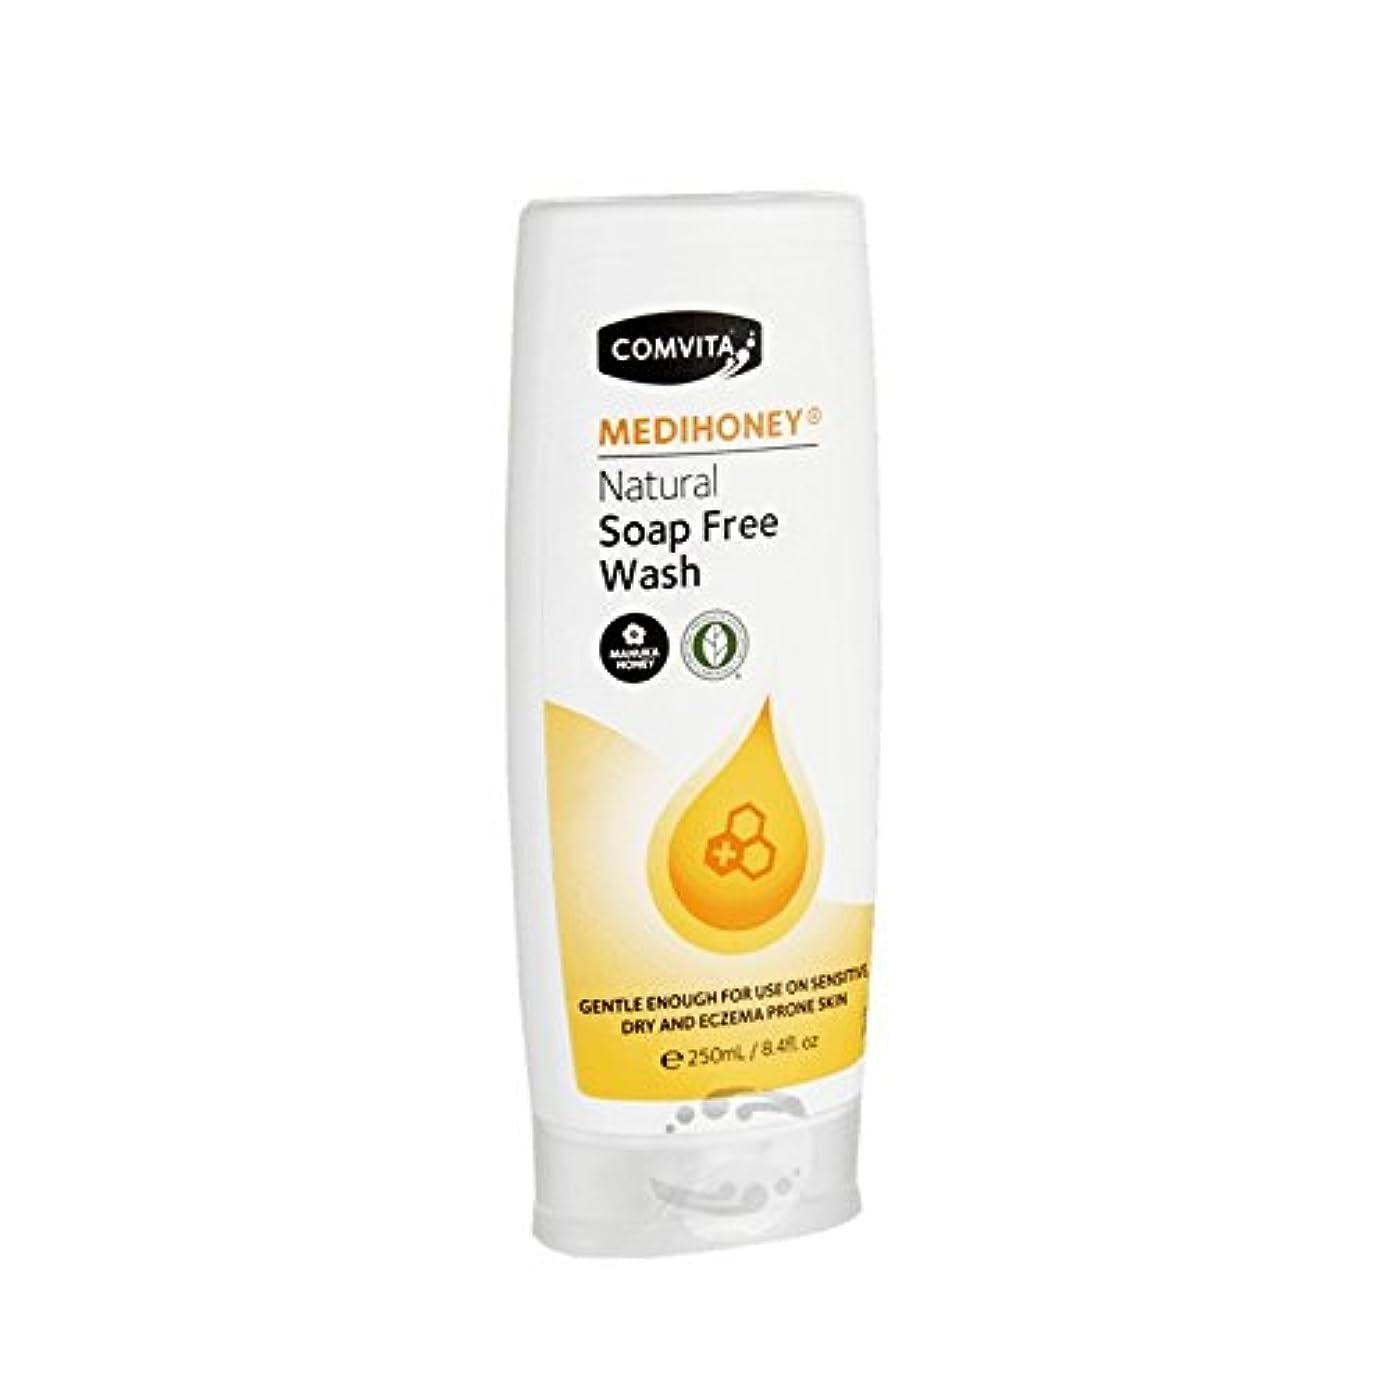 候補者クリームハロウィンComvita Medihoney Gentle Body Wash 250ml (Pack of 2) - コンビタのメディハニー優しいボディウォッシュ250ミリリットル (x2) [並行輸入品]